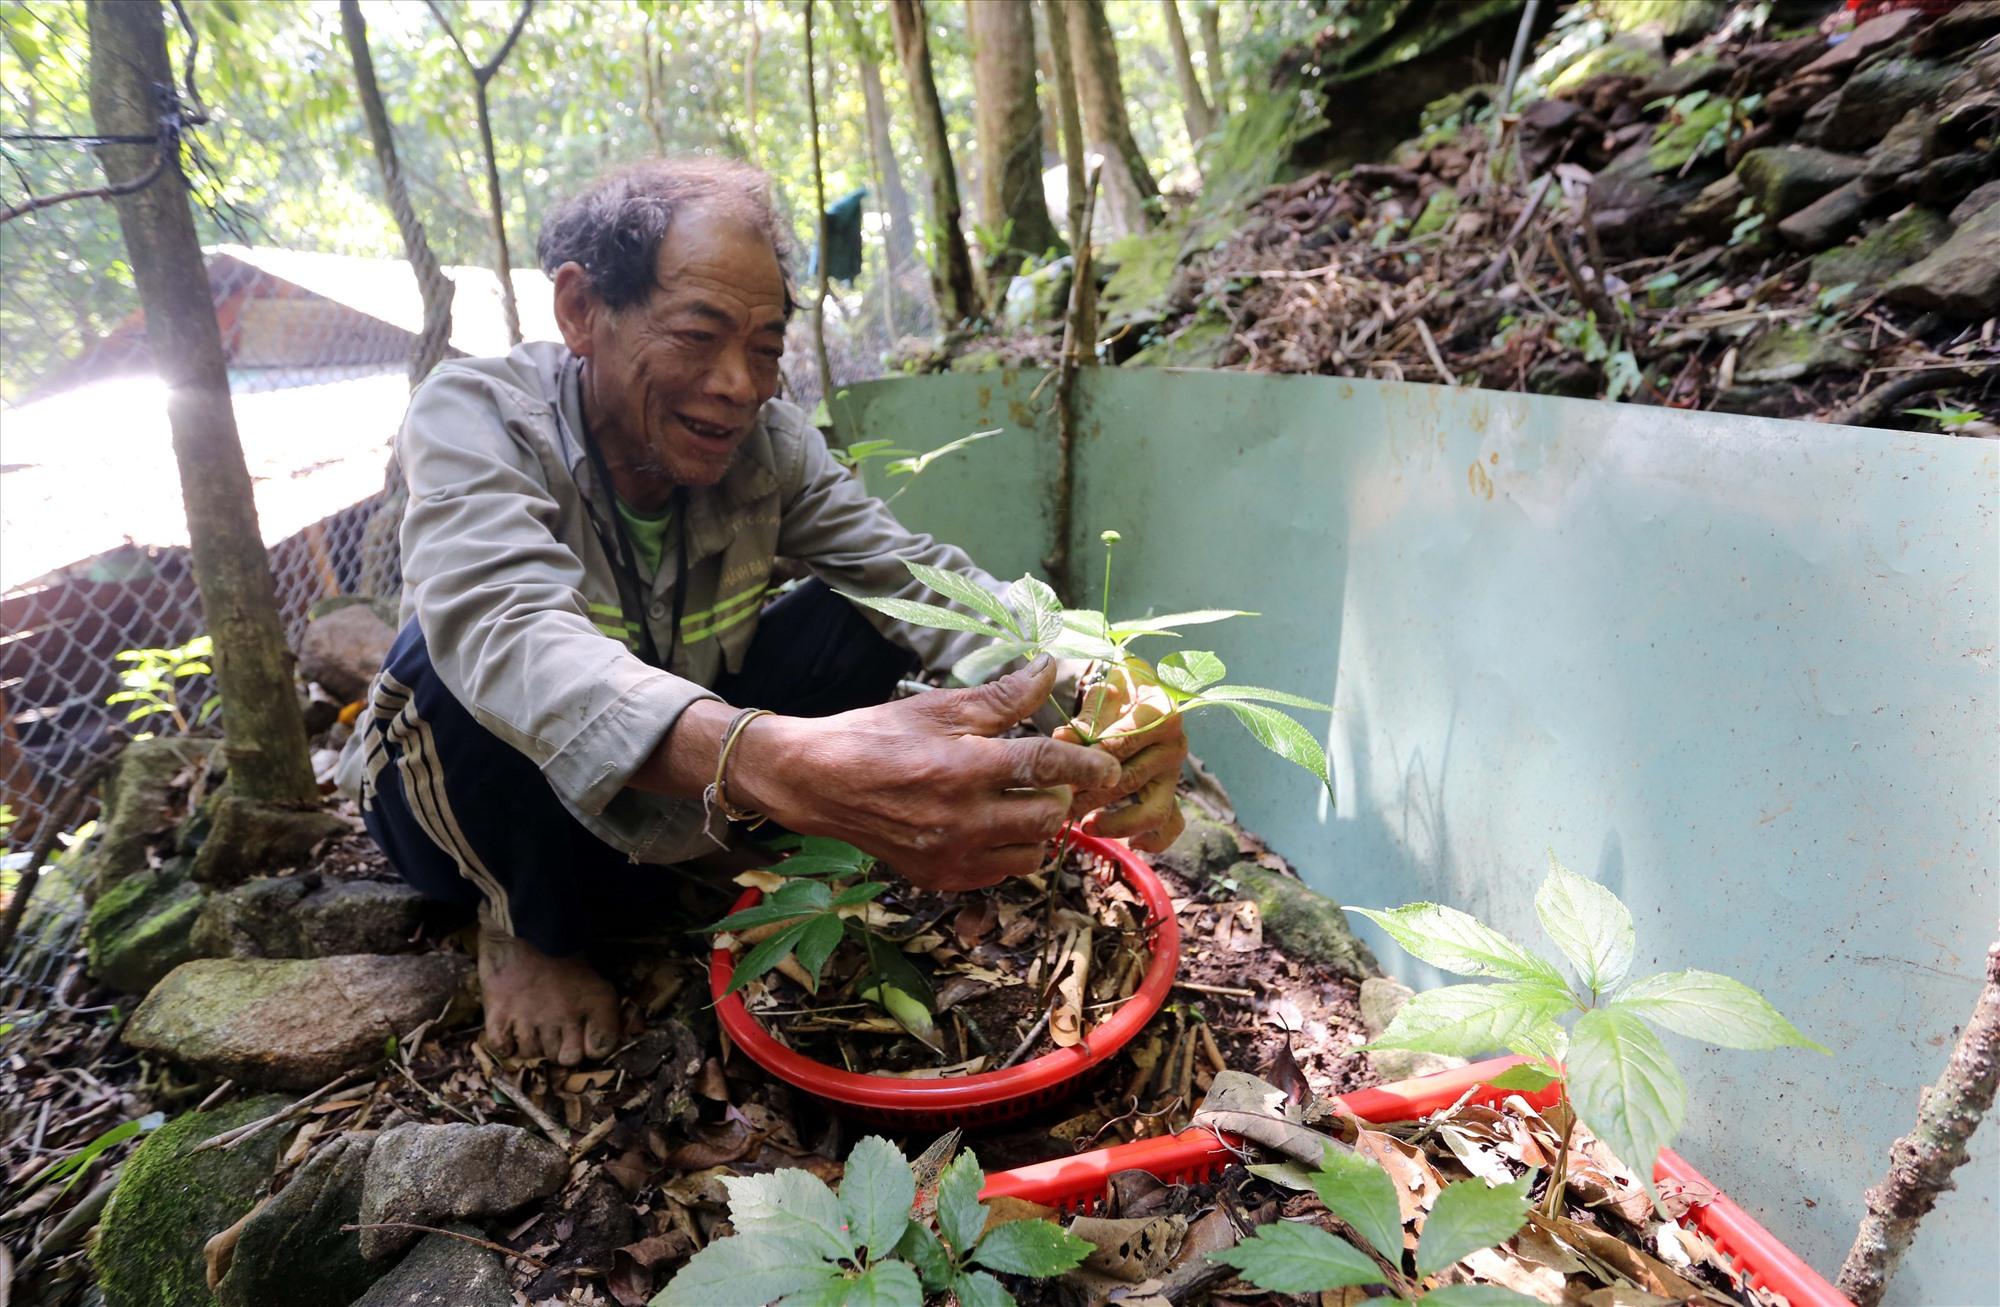 Ông Định Văn Thà (thôn 2, xã Trà Linh) với cây sâm hơn 5 tuổi trồng trong rổ nhựa đang cho hoa.